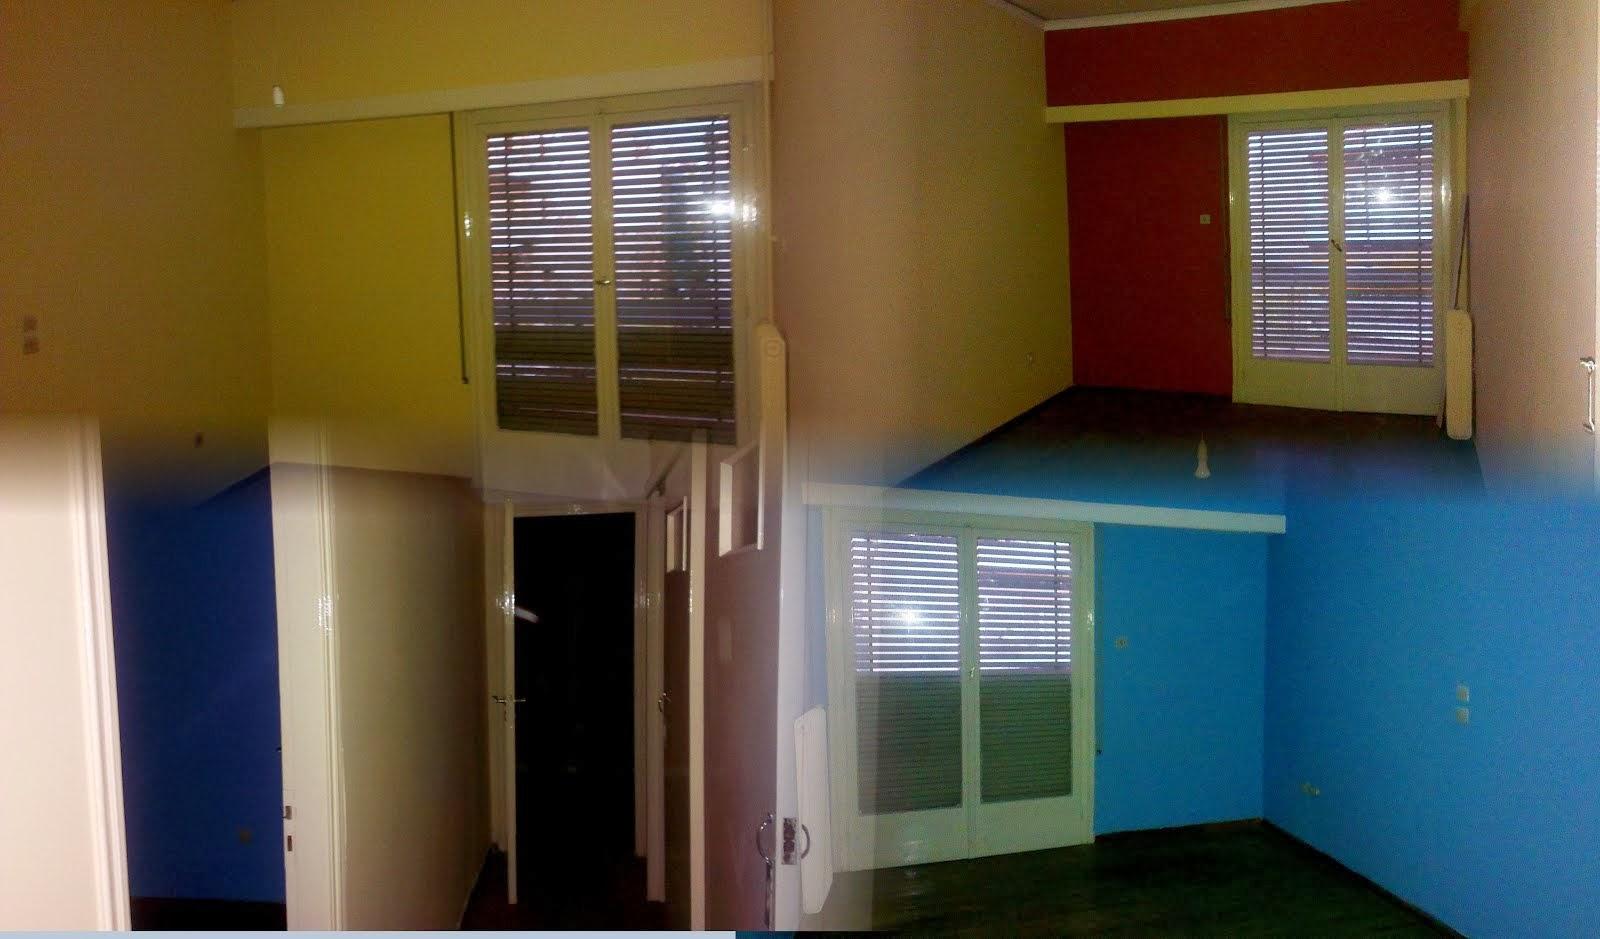 ΠΩΛΕΙΤΑΙ Διαμέρισμα 73τμ ΠΑΤΗΣΙΑ Τιμή ΕΚΠΛΗΞΗ...6973401502